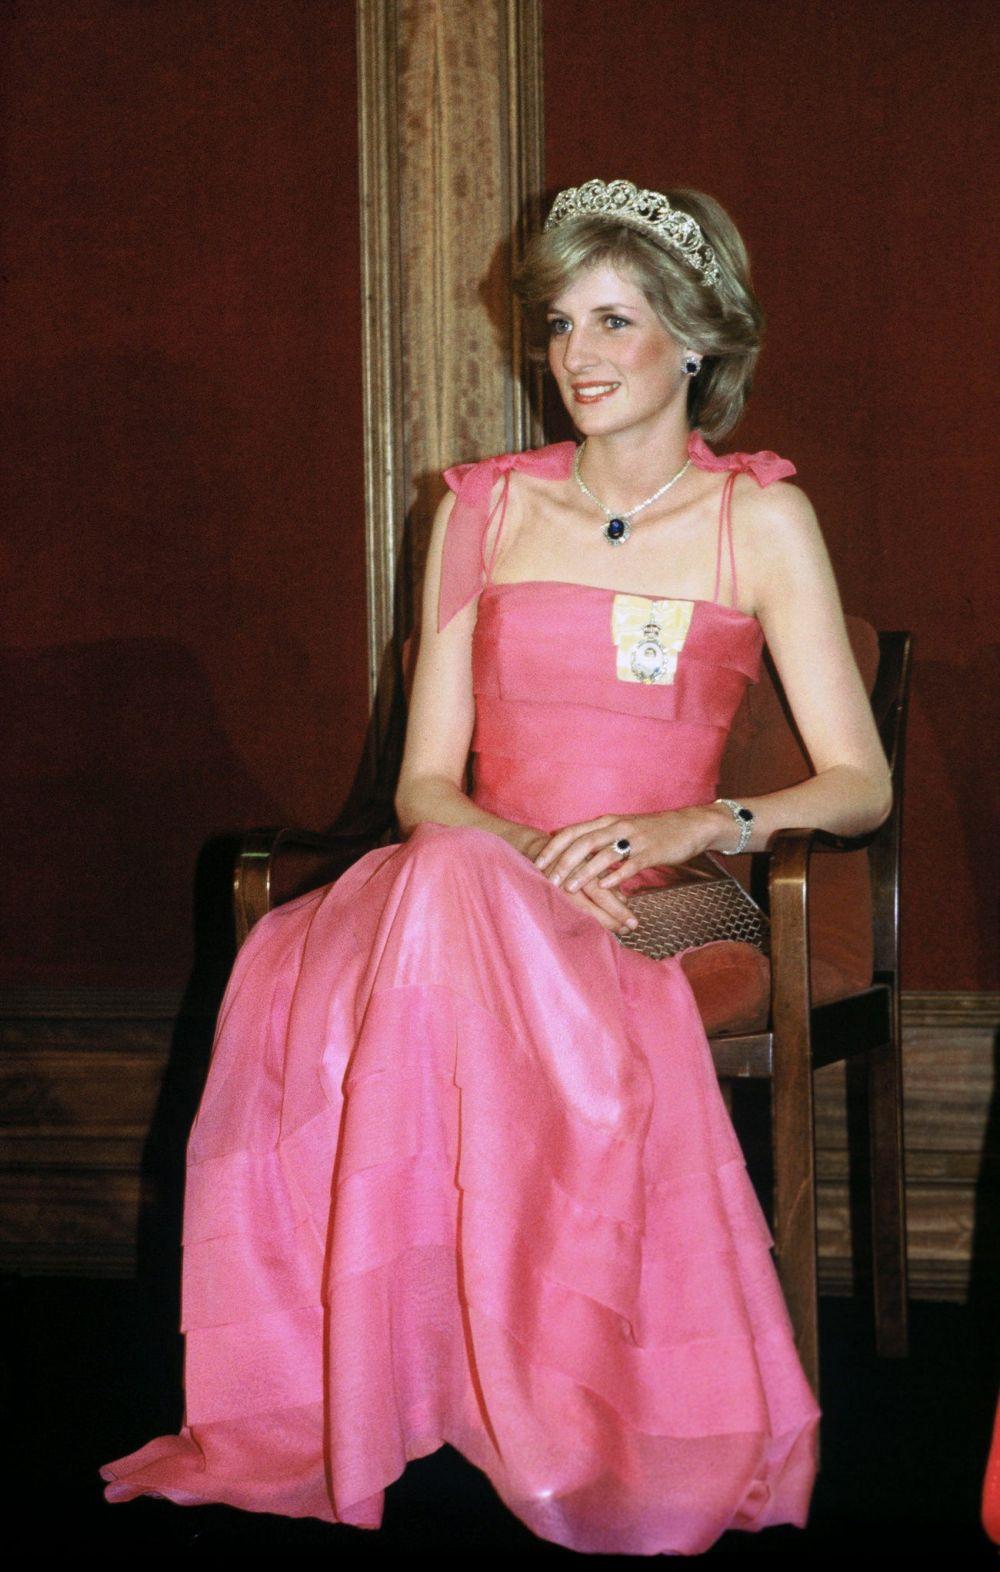 Công nương Diana kết hợp những món trang sức thanh lịch với màu sắc. (Nguồn: Getty Images)